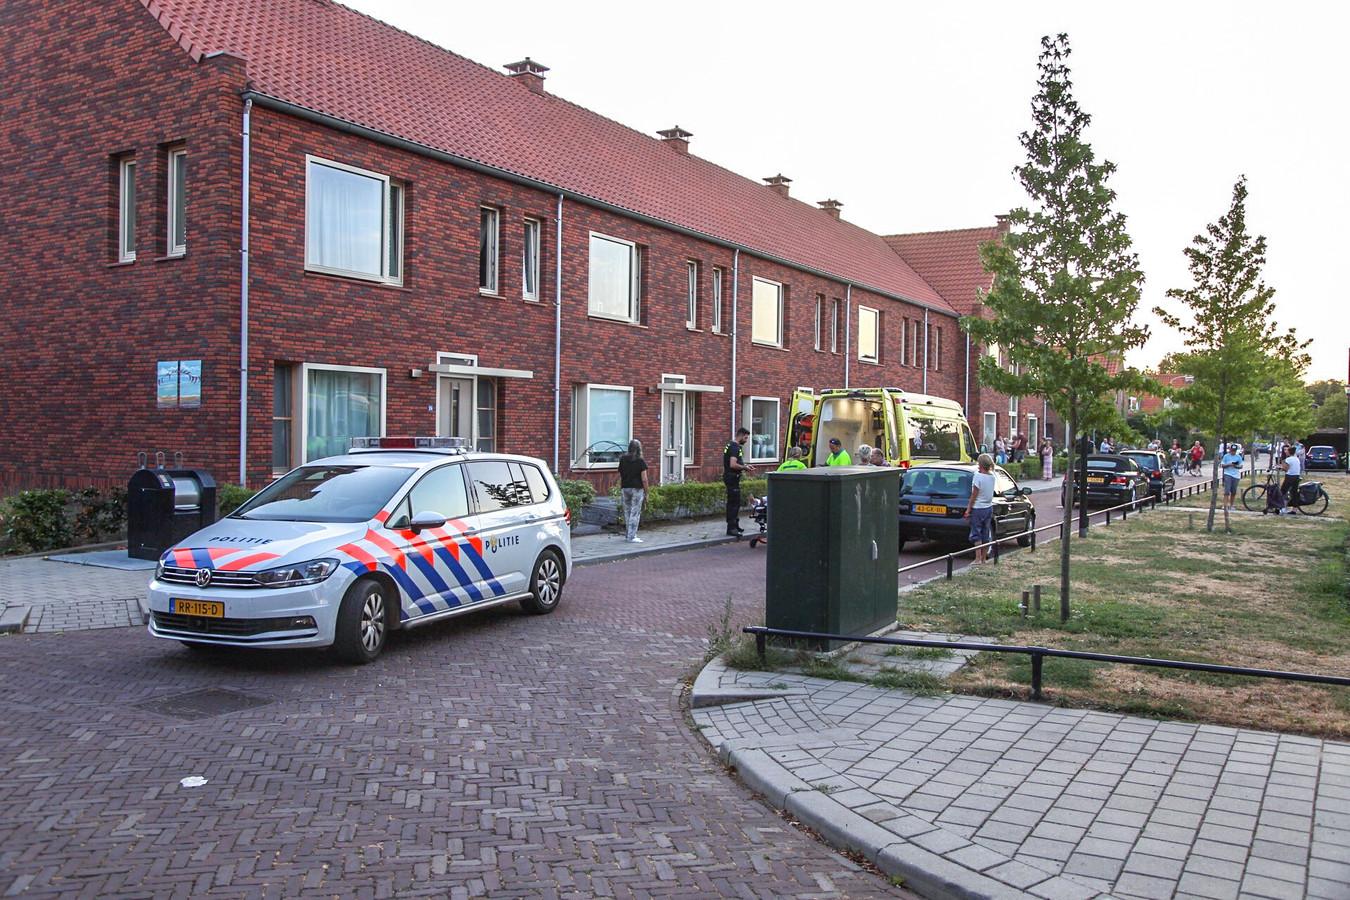 Hulpdiensten bij het ongeval in Doesburg.